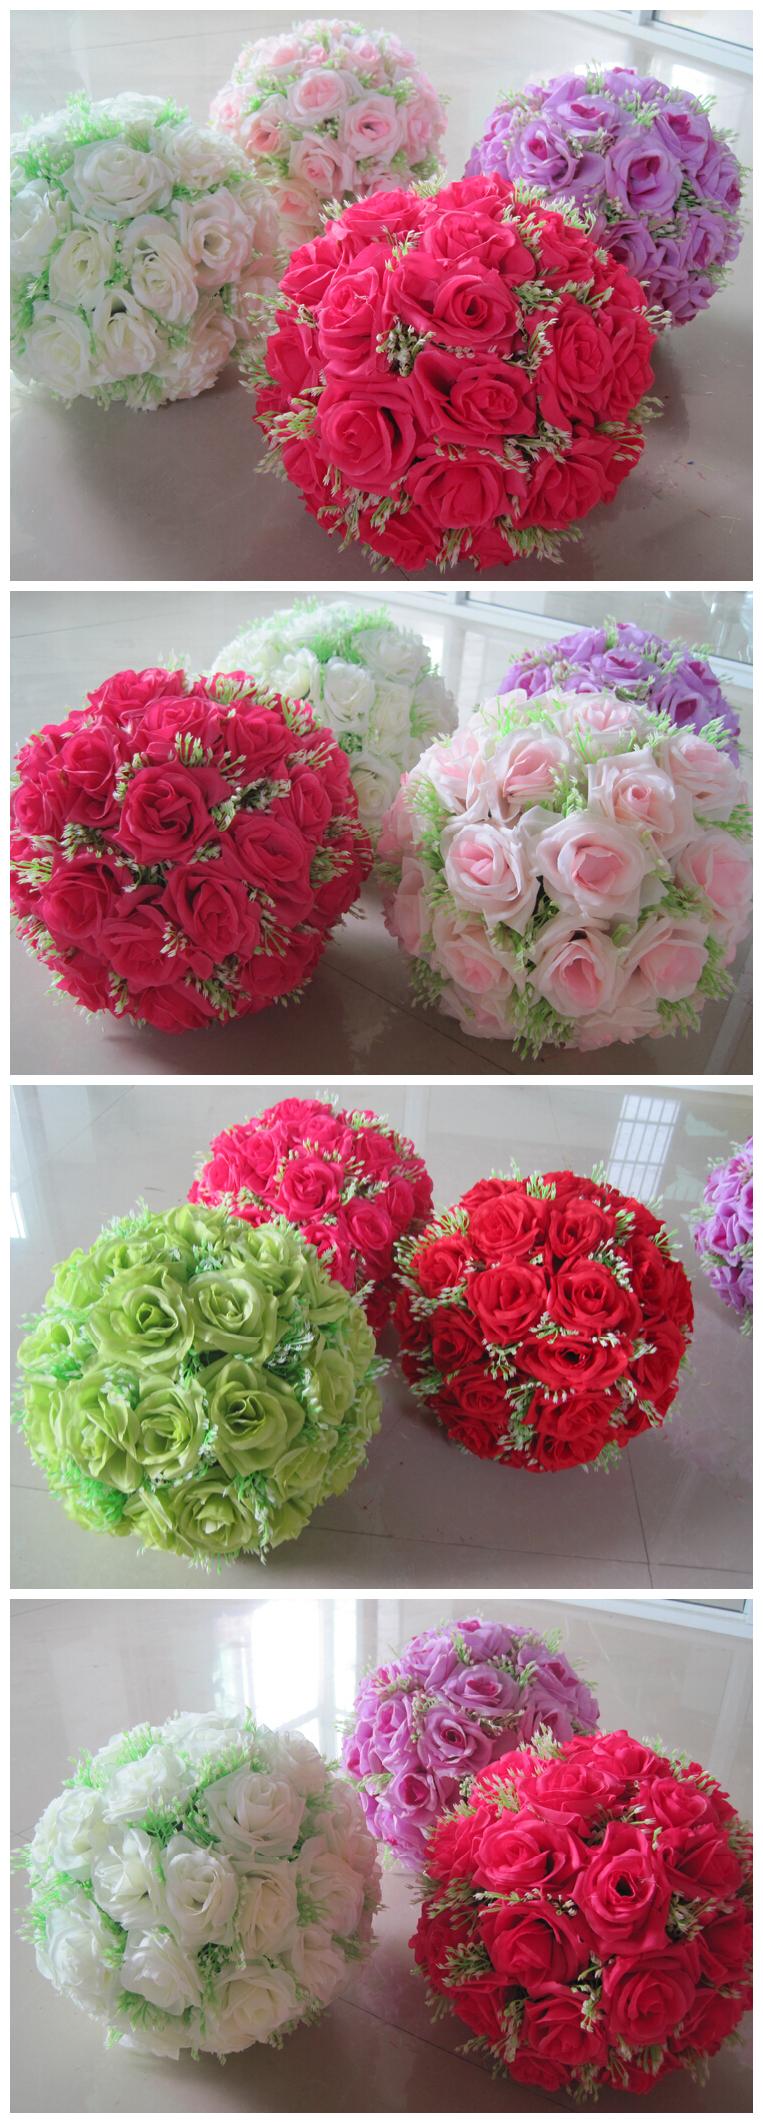 Hanging Flower Ball Wedding Flower Balls Decorative Artificial